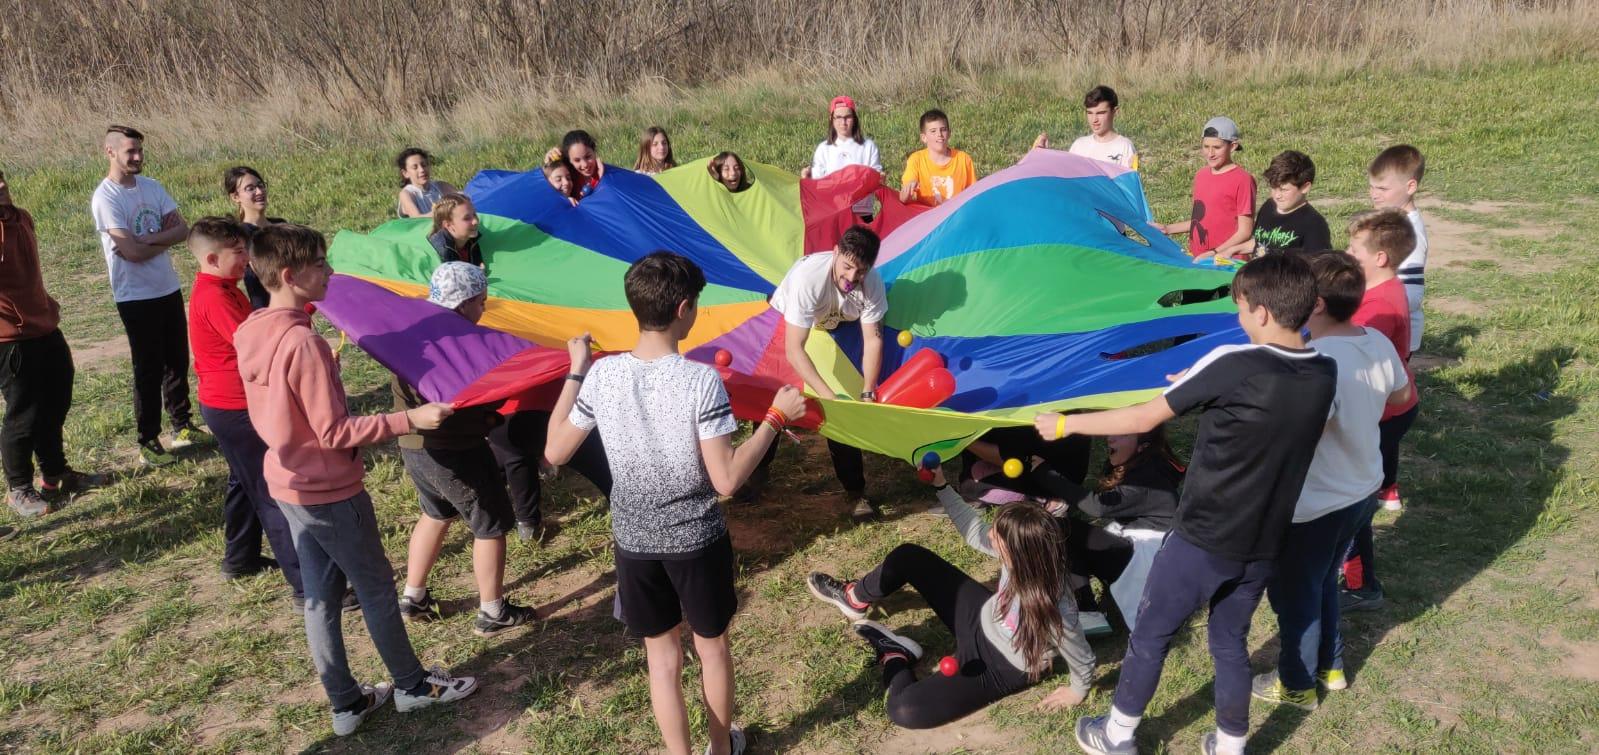 Campamento de Verano para familias monoparentales